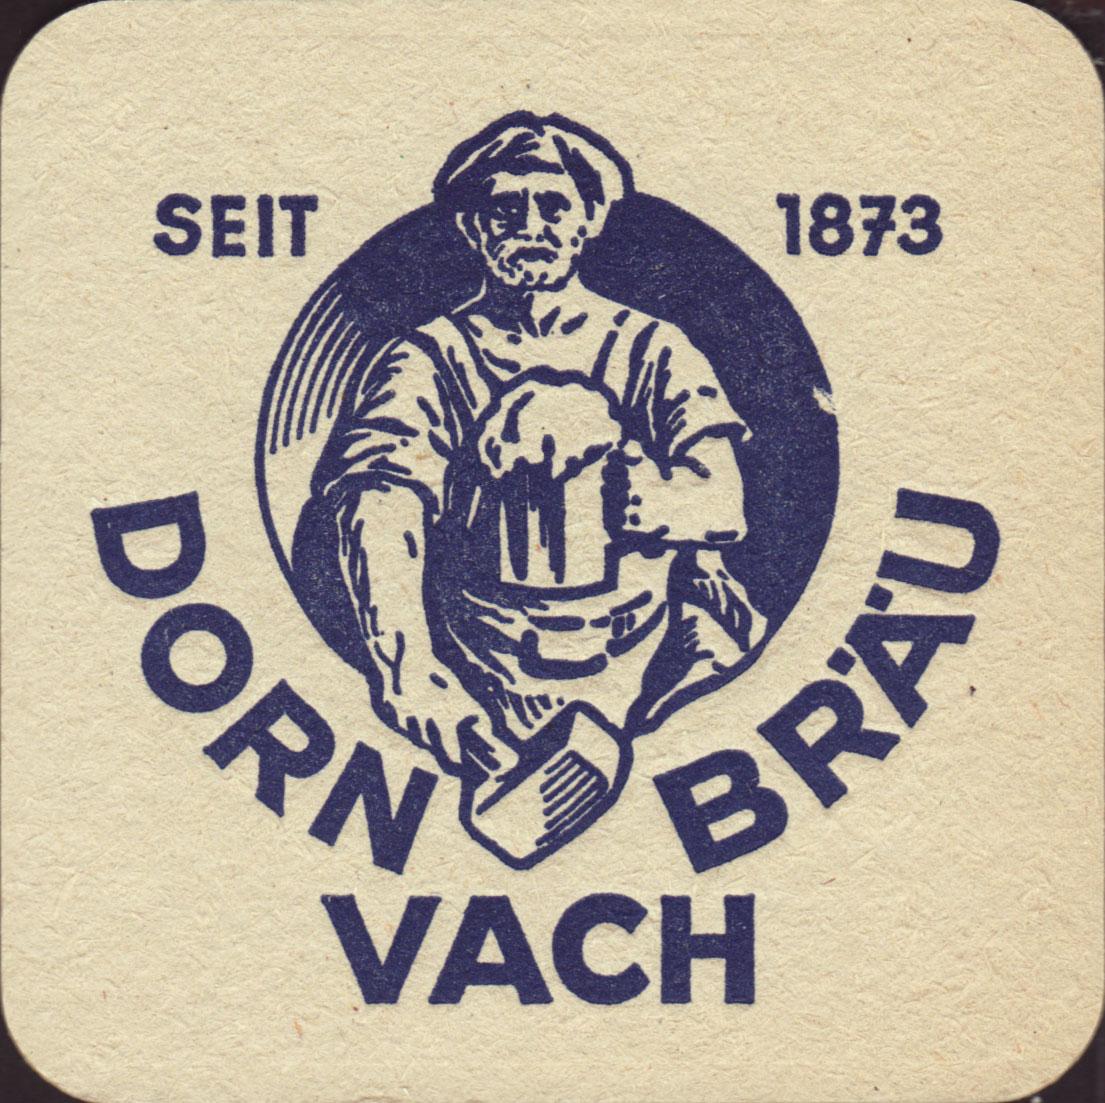 Brauerei Dorn Brau Furth Vach Nummer Des